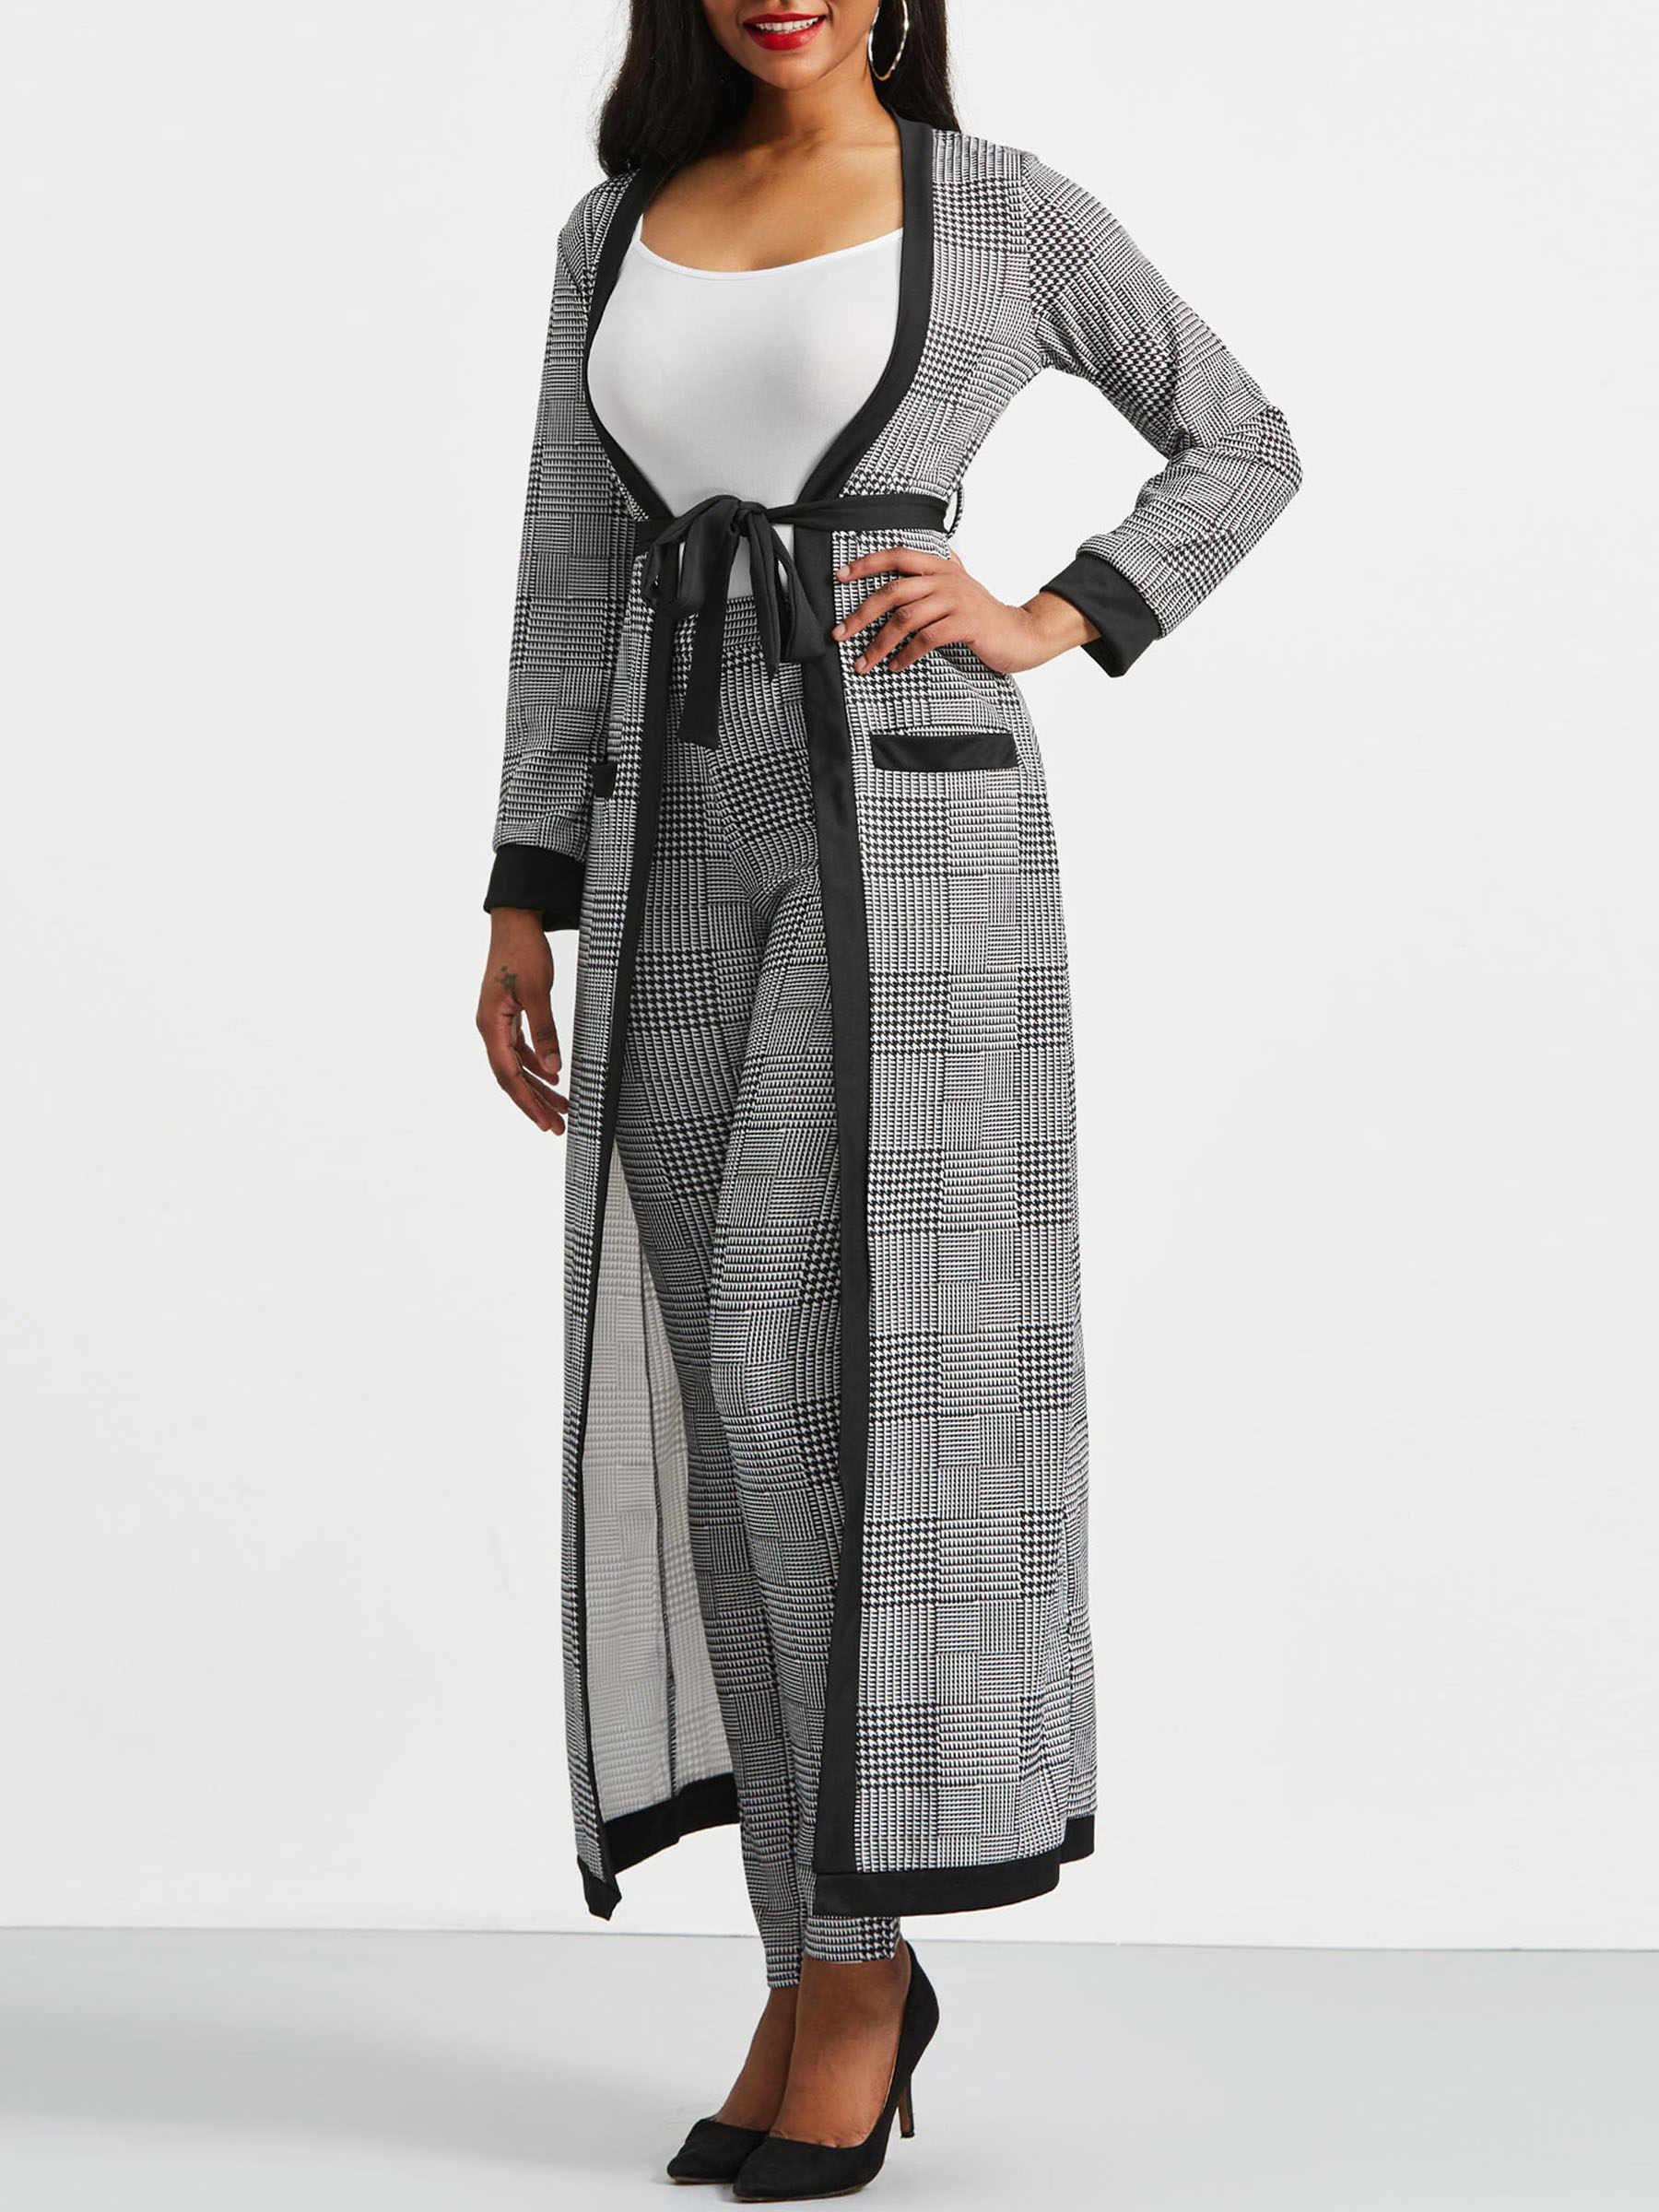 2019 סתיו חורף נשים 3 חתיכה סטים ארוך משבצות מעיל גופייה הרמון מכנסיים סט אישה חליפות גבירותיי משרד טרנץ מעילי 2XL